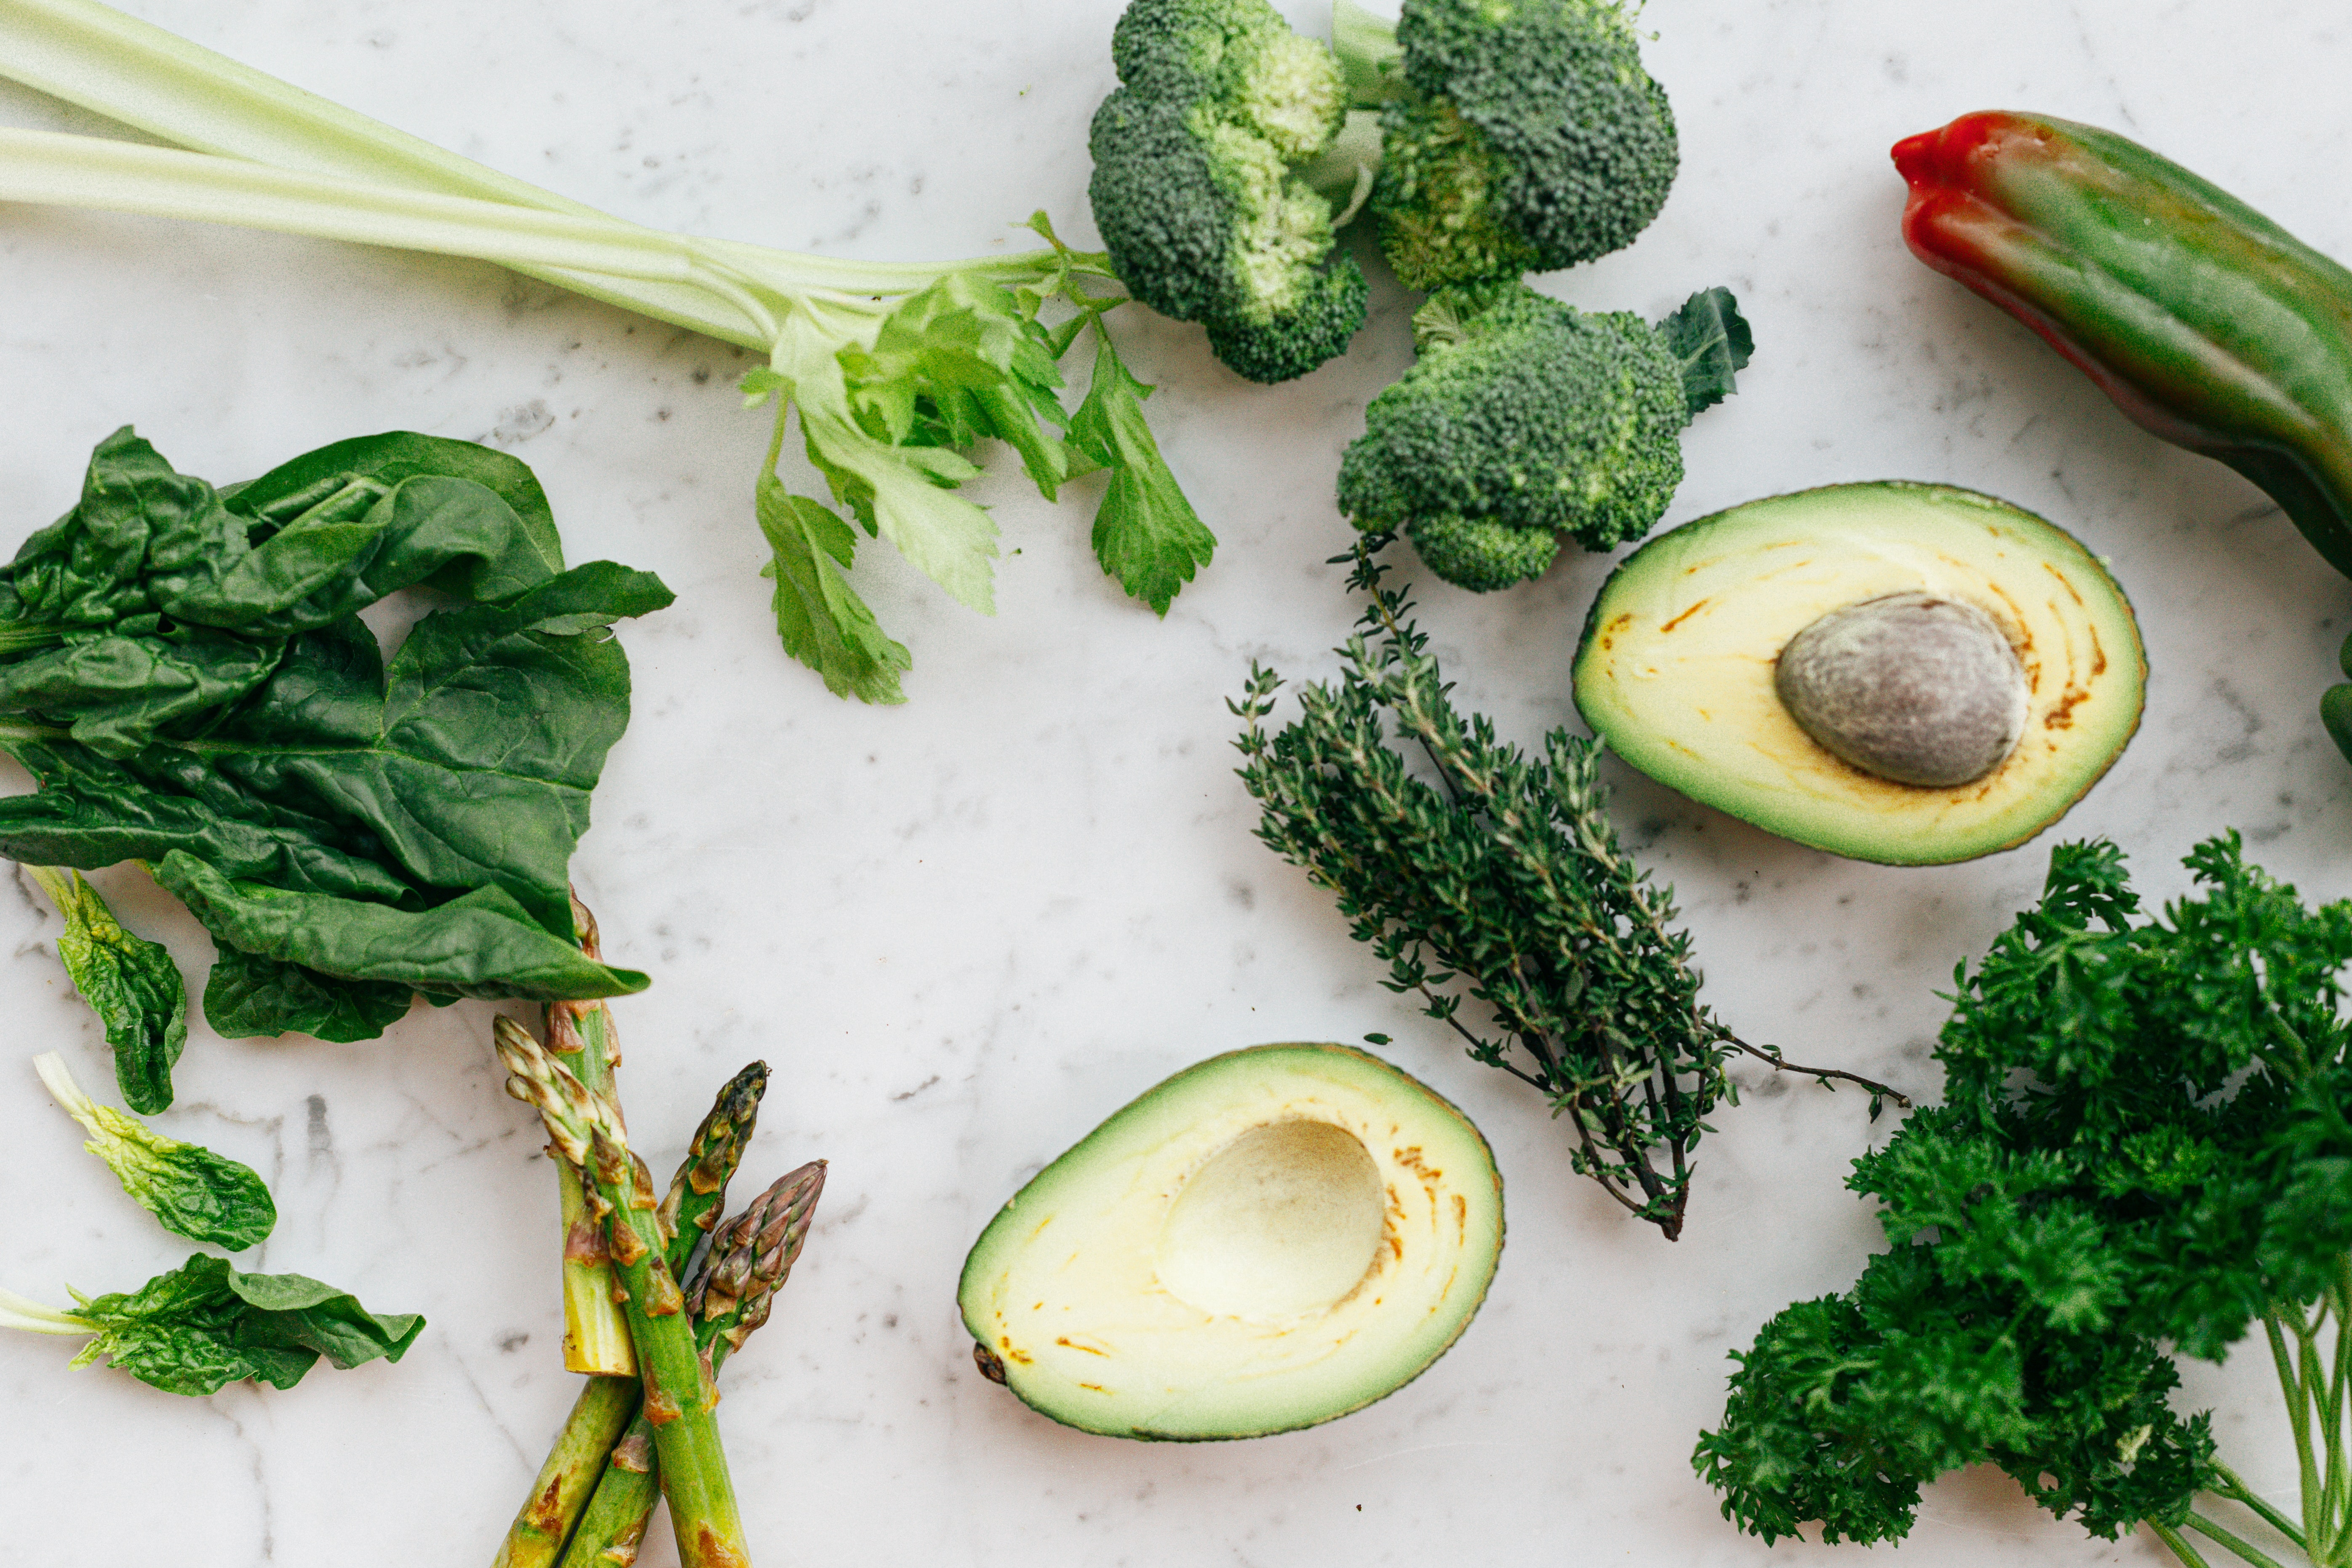 Vegetais verdes - Os vegetais são ricos em cálcio, ferro e ácido fólico, todas essas propriedades ajudam a alcalinizar e purificar o sangue, além de estimular as enzimas responsáveis pela desintoxicação. (Foto: Pexels)